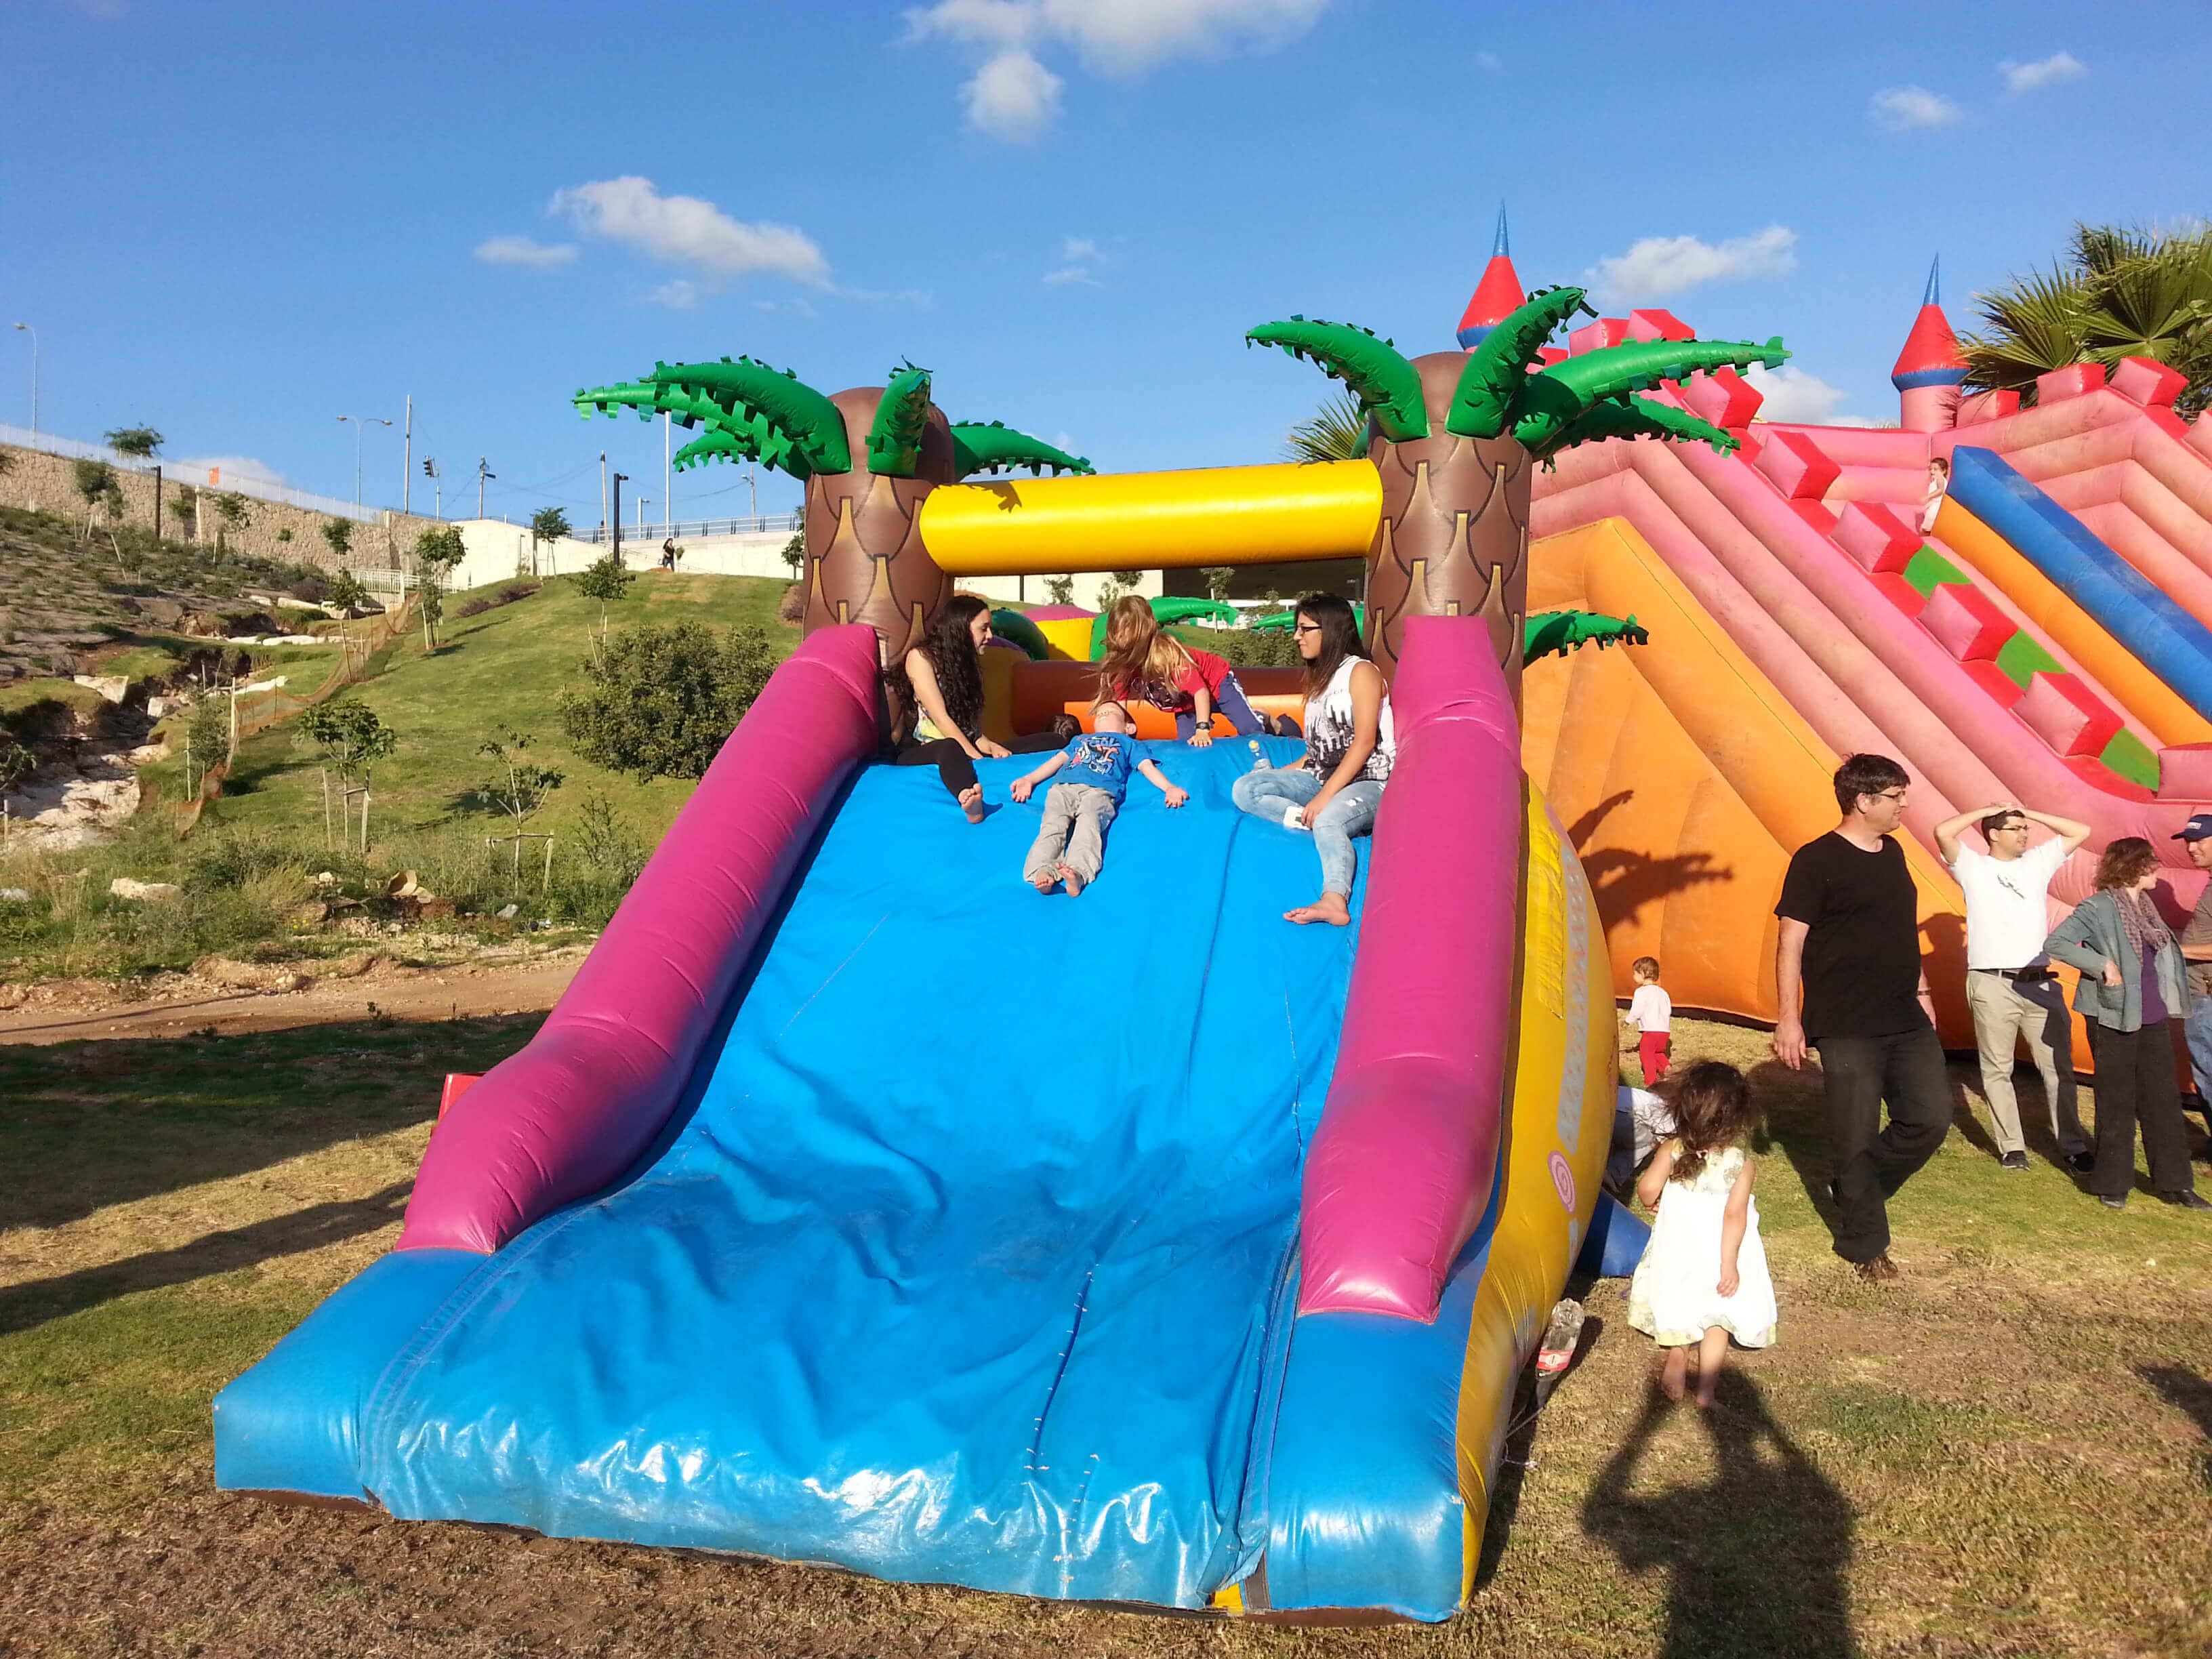 קייטנות קיץ 2018 חוויה עם פוני מגלשת ילדים מתנפחת אתר לגדול